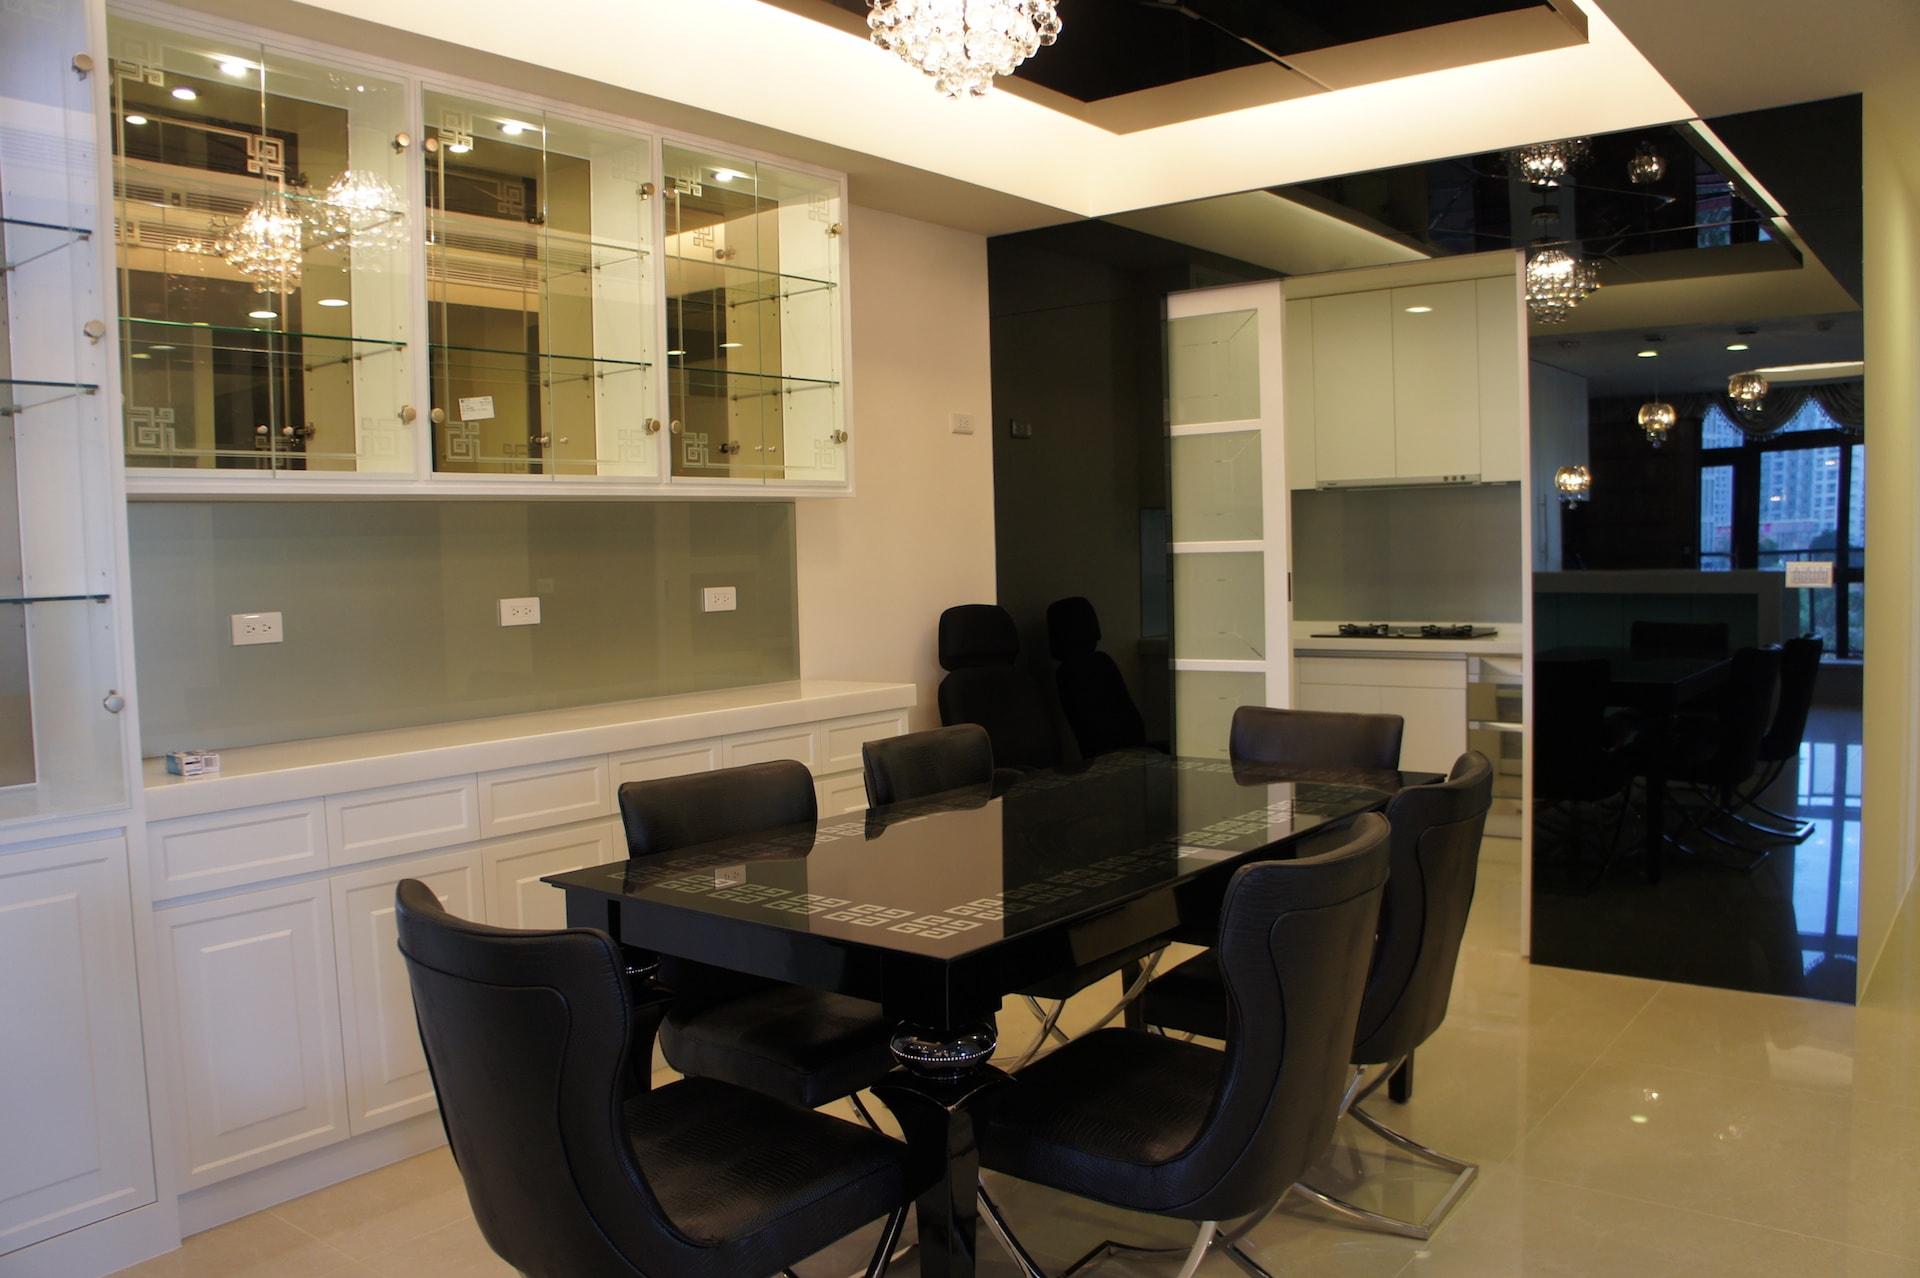 現代風格的居家裝潢